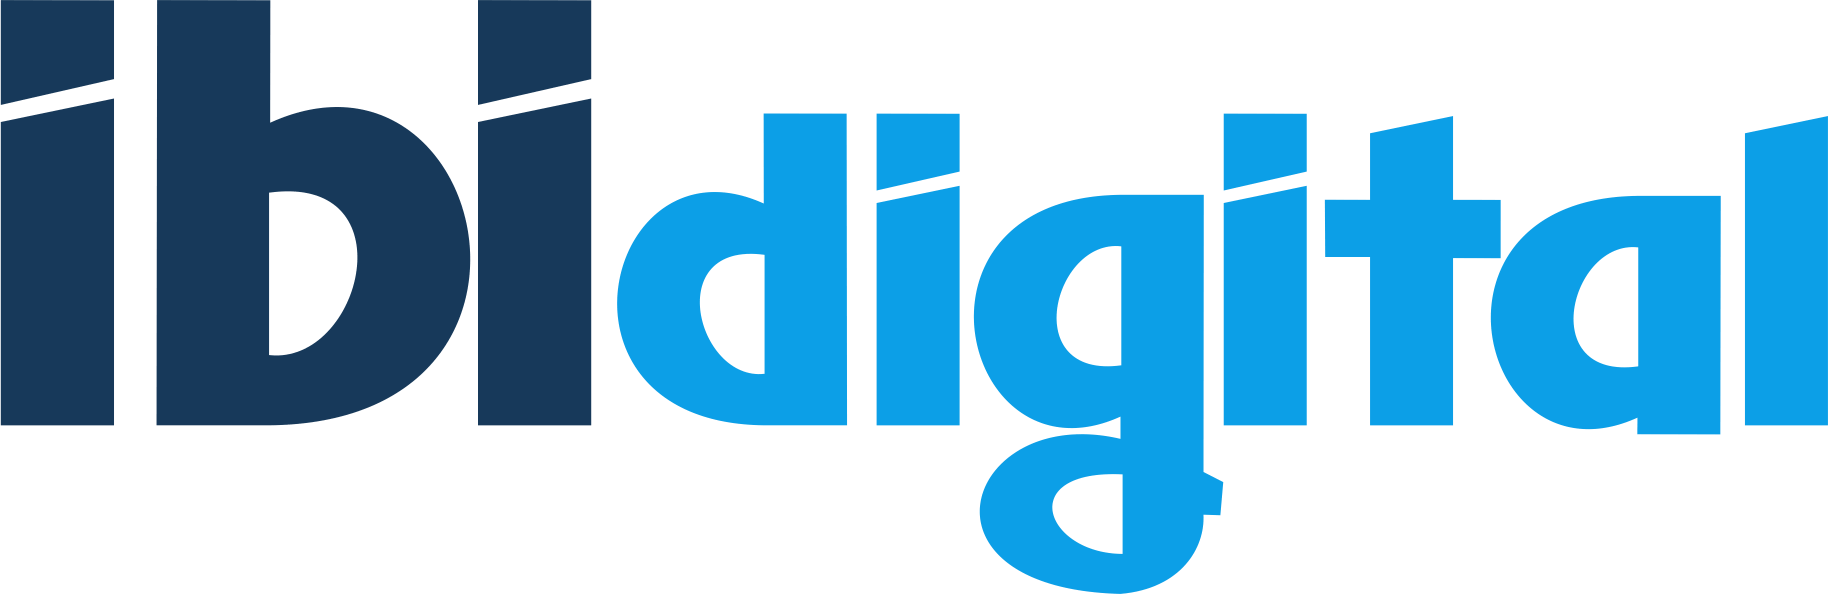 Divulgação: Ibi Digital